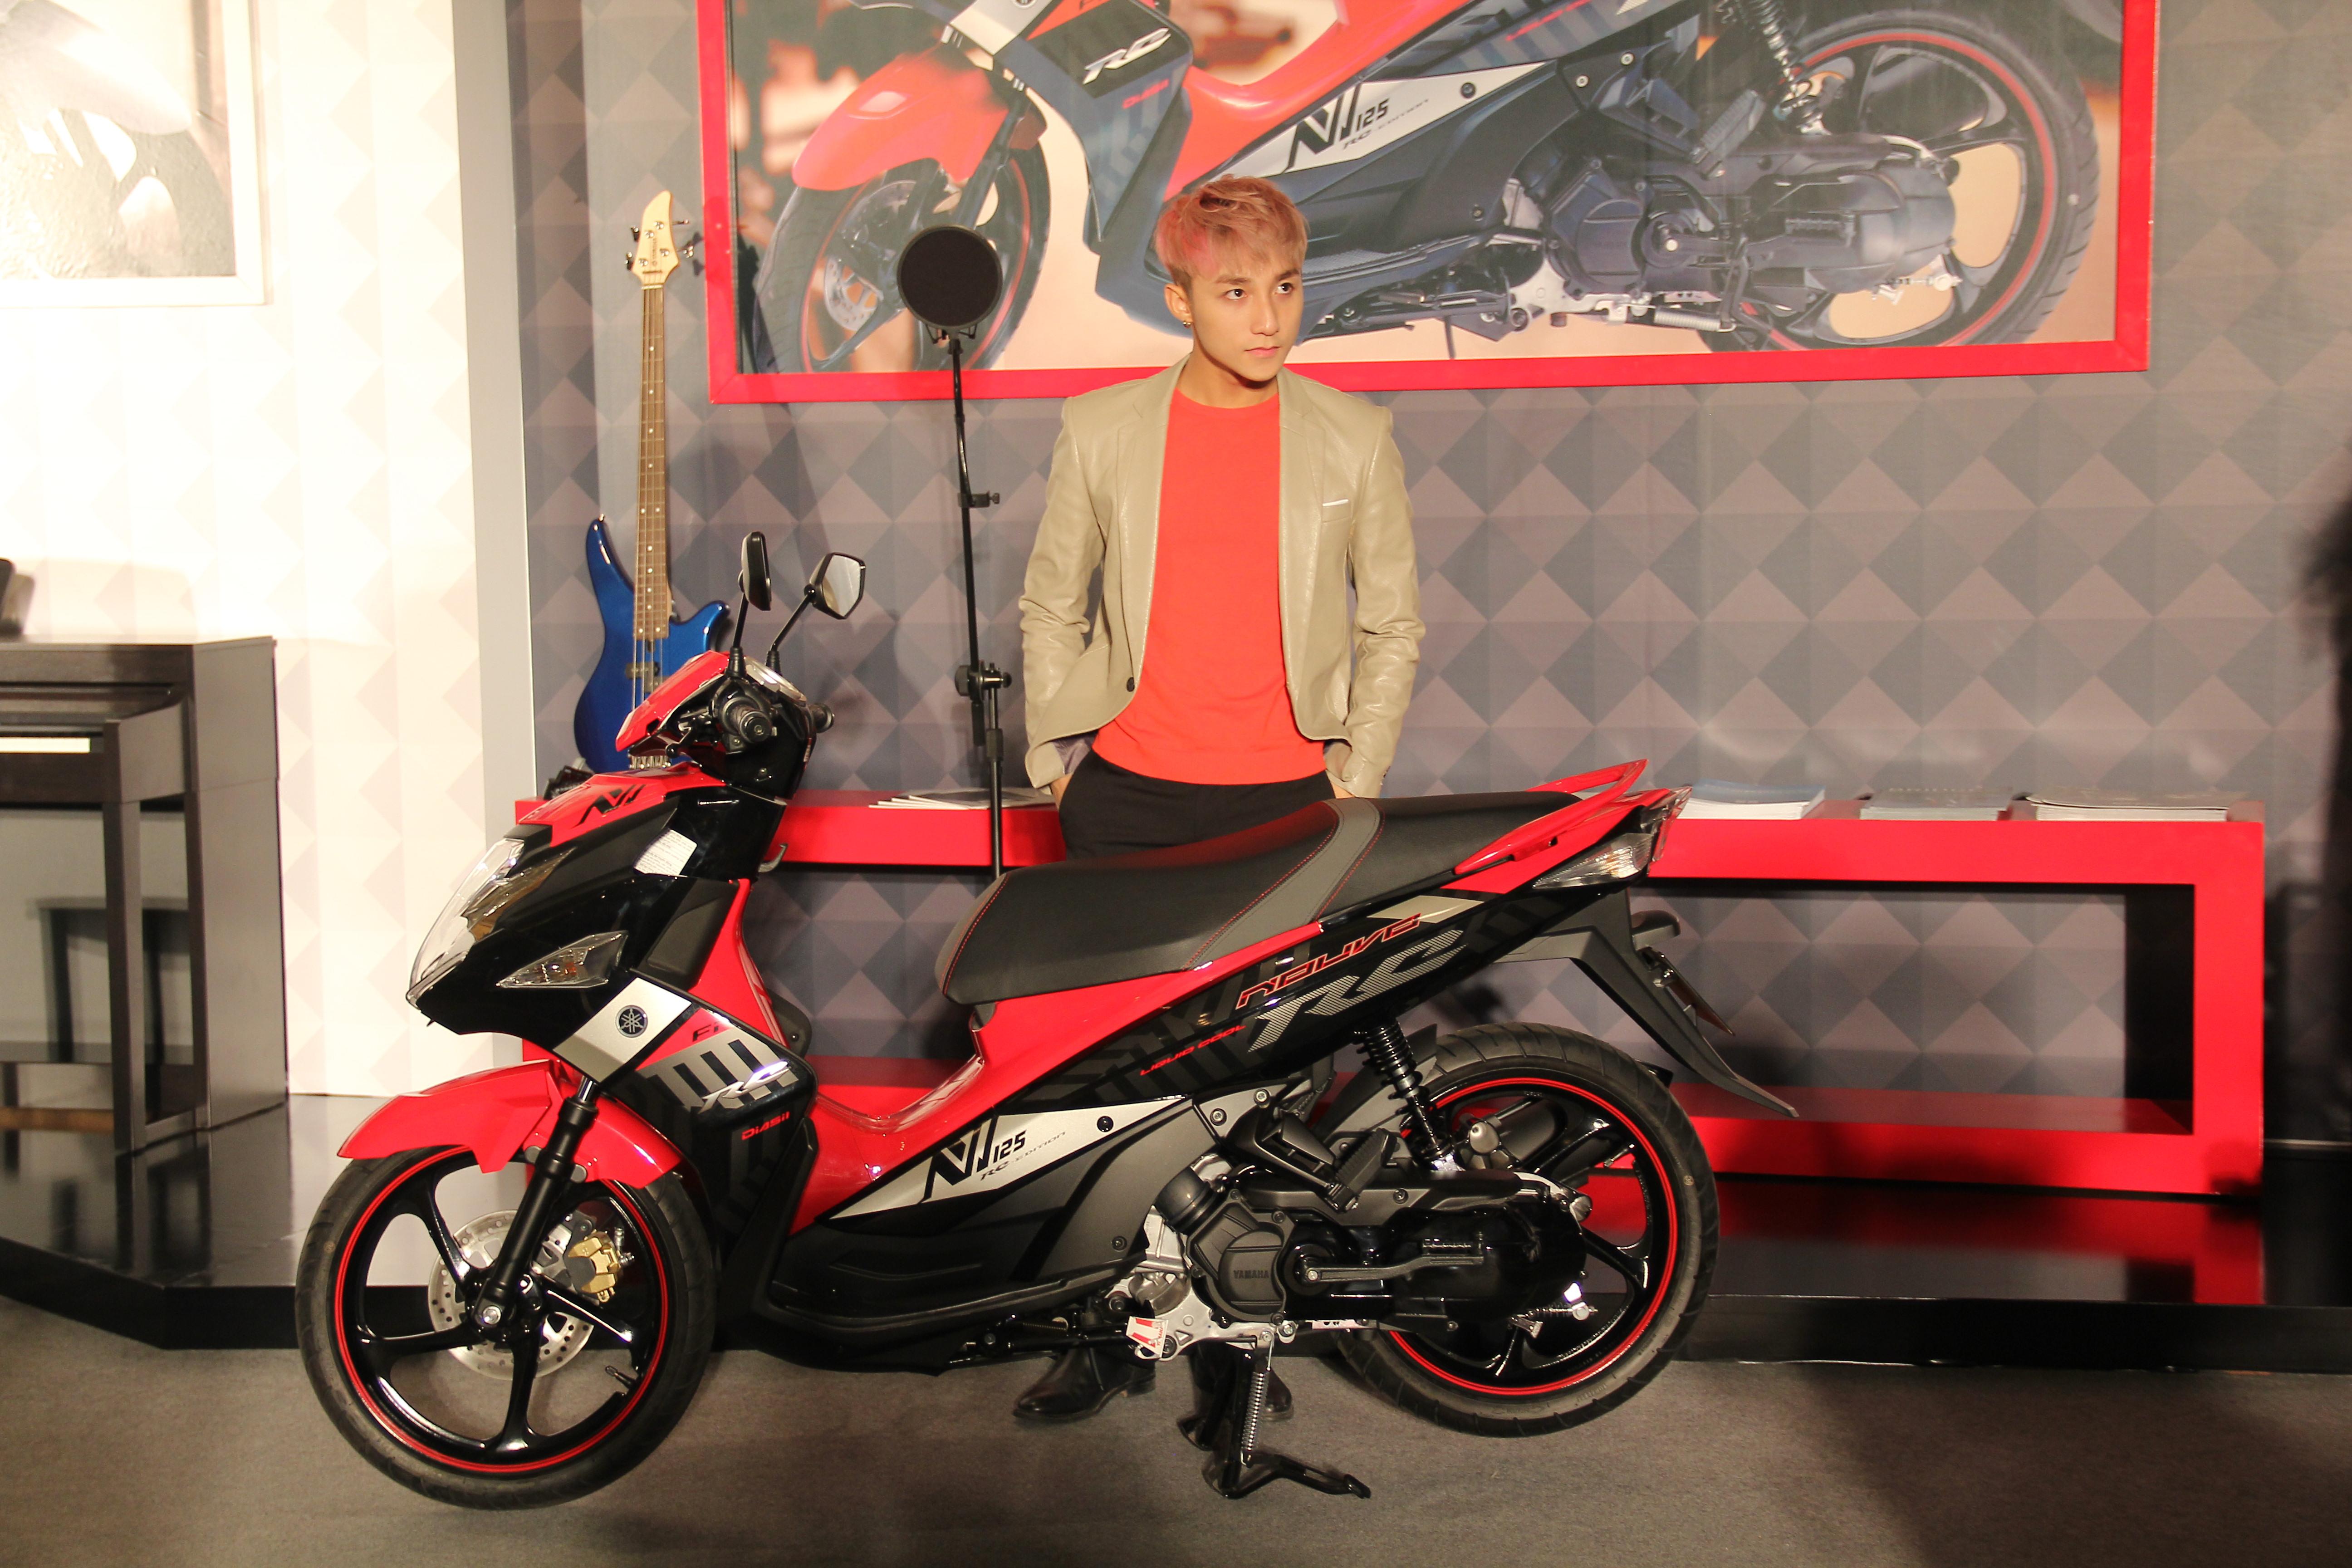 Ca sĩ Sơn Tùng M-TP bên chiếc xe Nouvo FI RC trong buổi ra mắt đại sứ thương hiệu của Yamaha